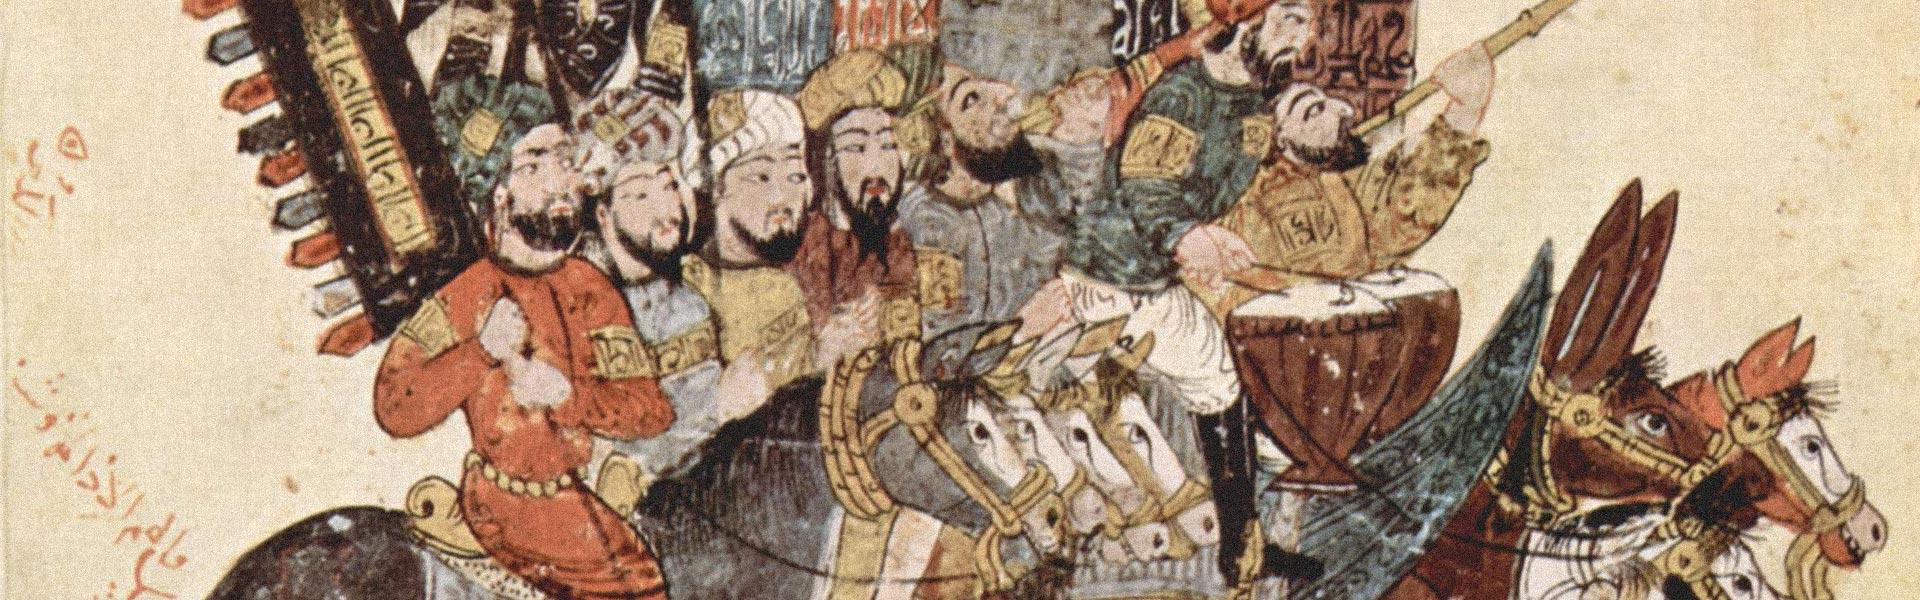 Исламизация: вчера, сегодня, завтра